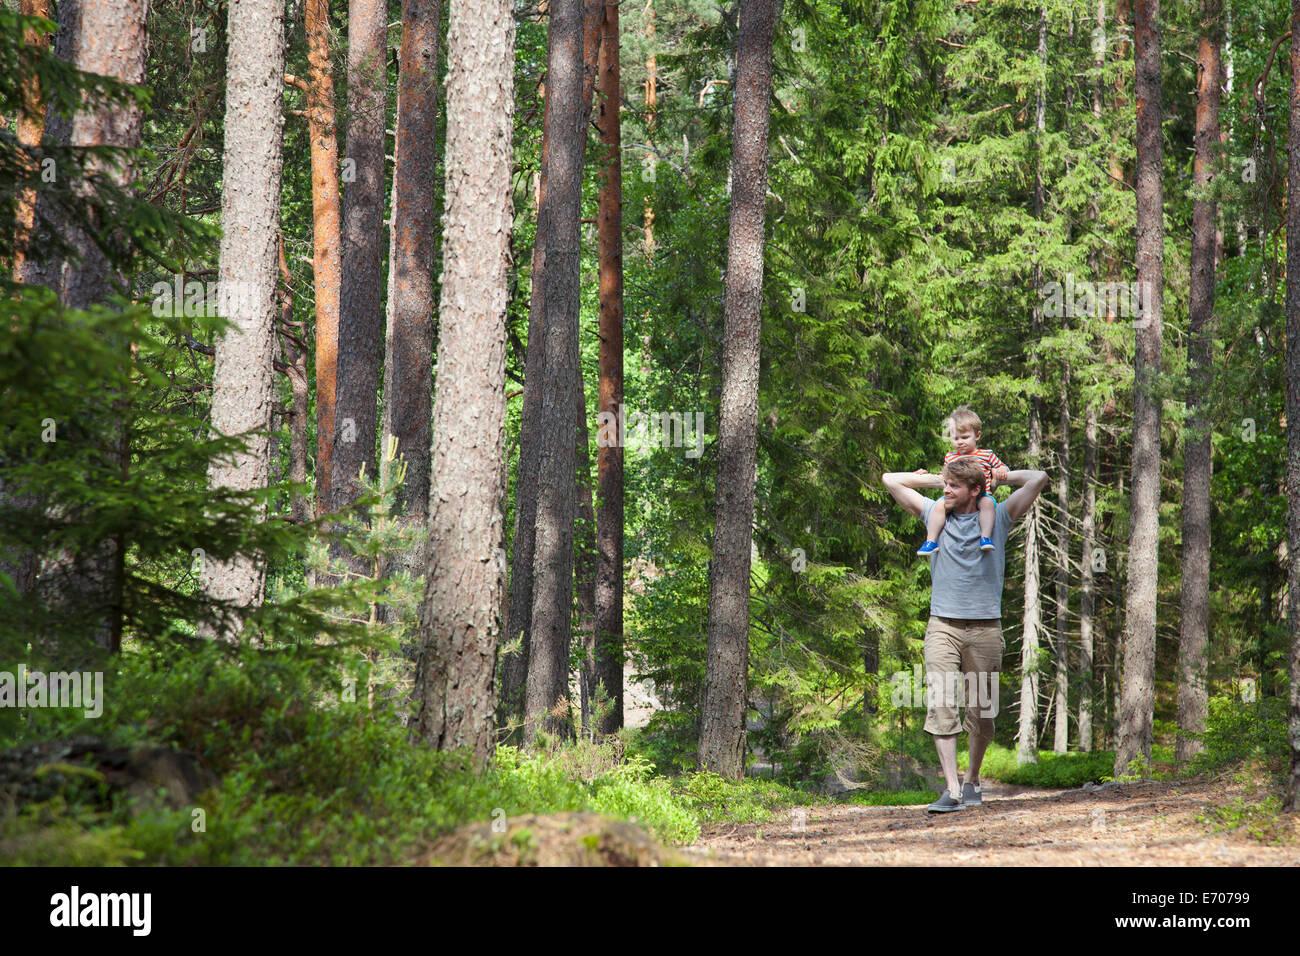 Père bandoulière pour le transport tout-petit fils à travers forêt, Somerniemi, Finlande Photo Stock